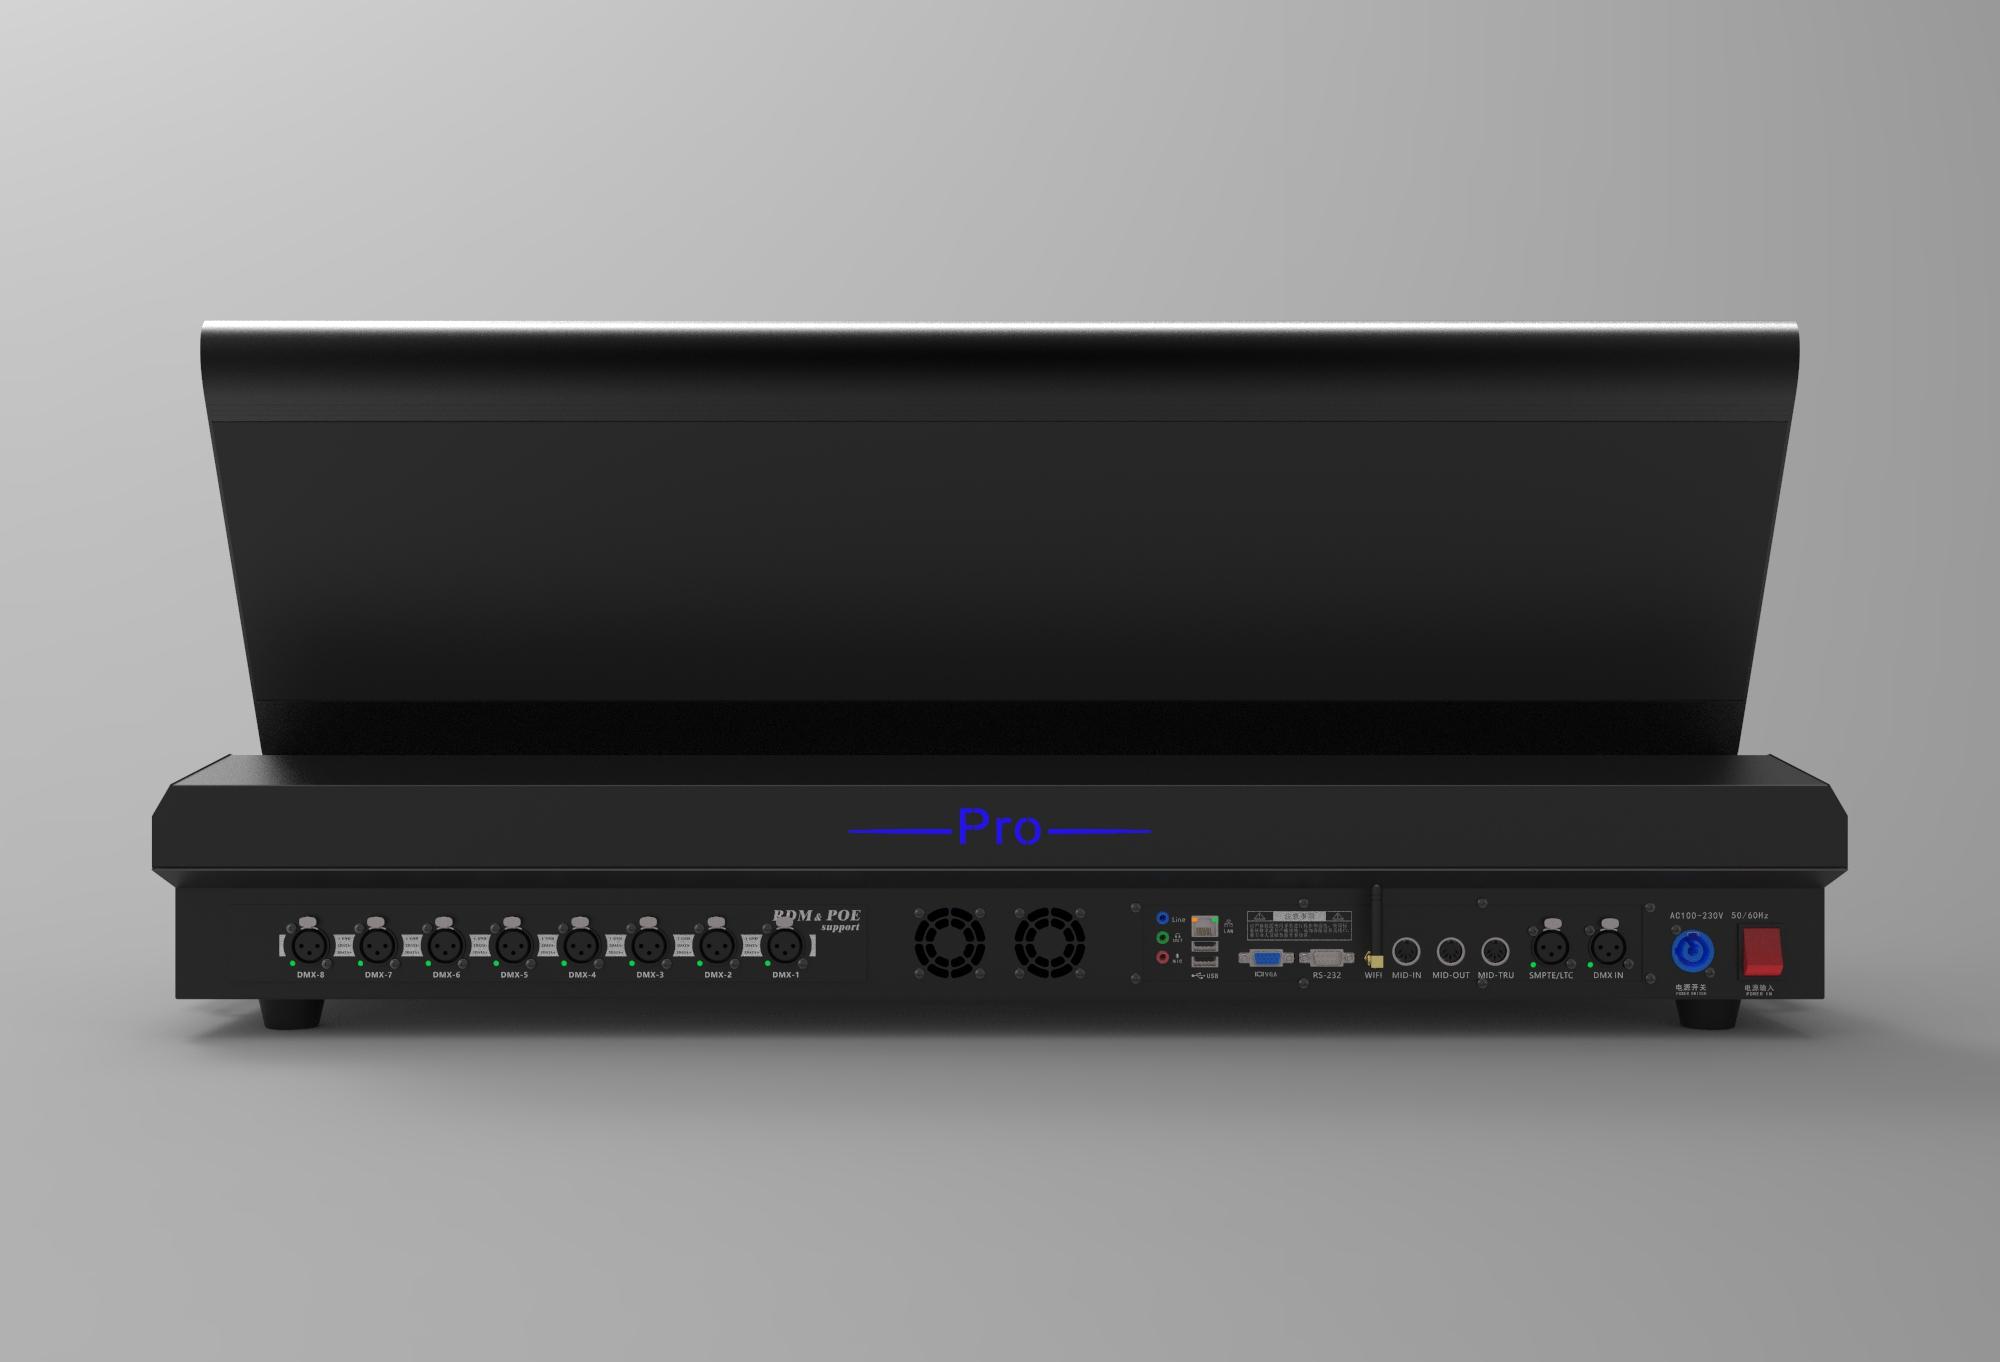 Pro 620灯光数字控台